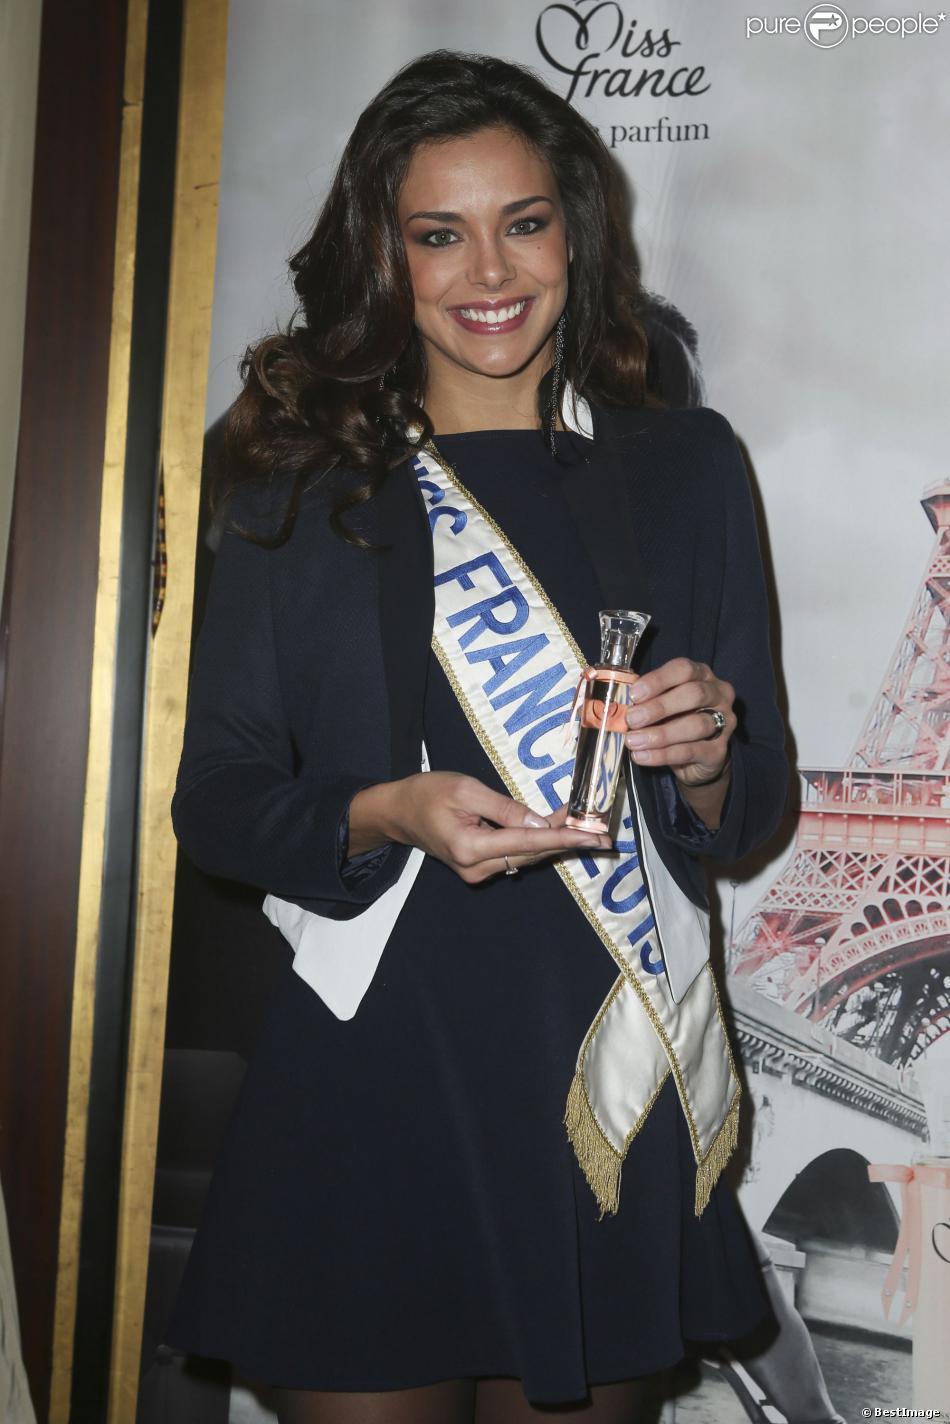 Marine Lorphelin lors du lancement de la ligne de parfum Inessance Miss France, au Fouquets le 5 novembre 2013